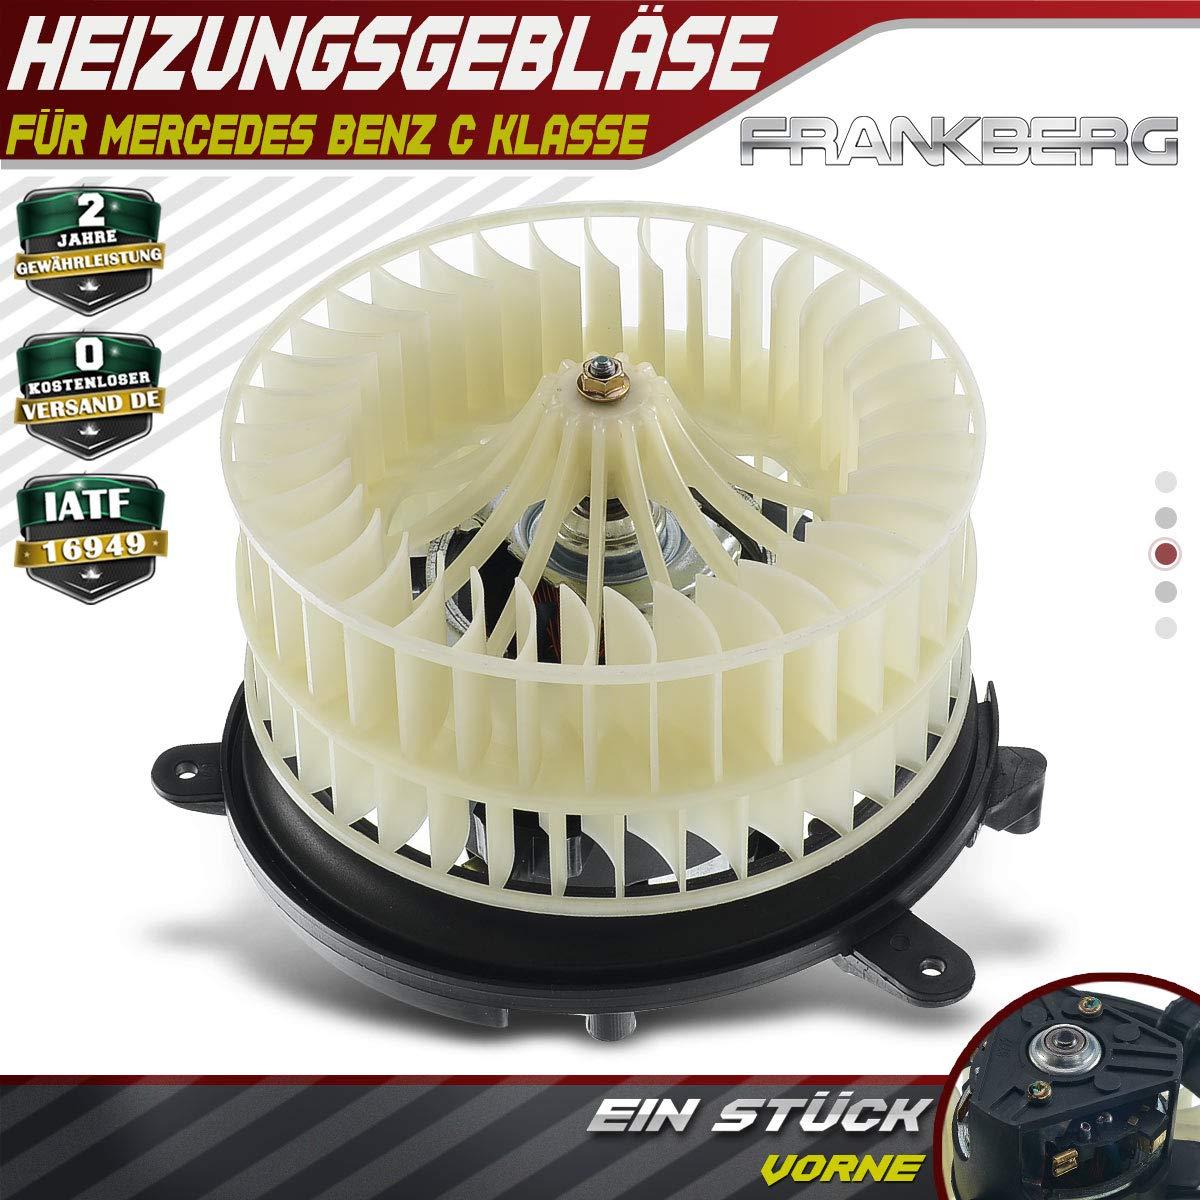 Innenraumgebl/äse Heizungsgebl/äse Motor Vorne f/ür C-Klasse C-Klasse W202 T-Model S202 CLK C208 A208 SLK R170 1993-2004 2028209342